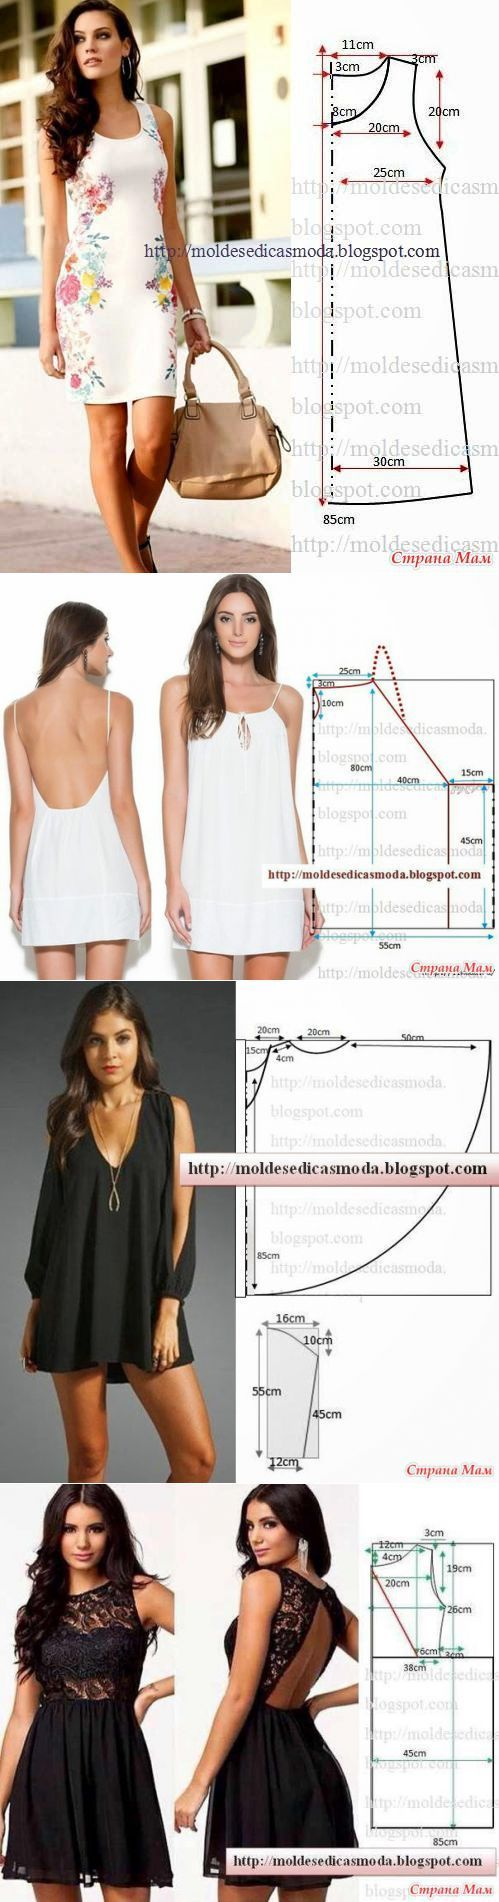 Интересные модели и простые выкройки - 3 (сарафаны и платья) - Шитье - Женский Мир | мне нравиться | Постила: